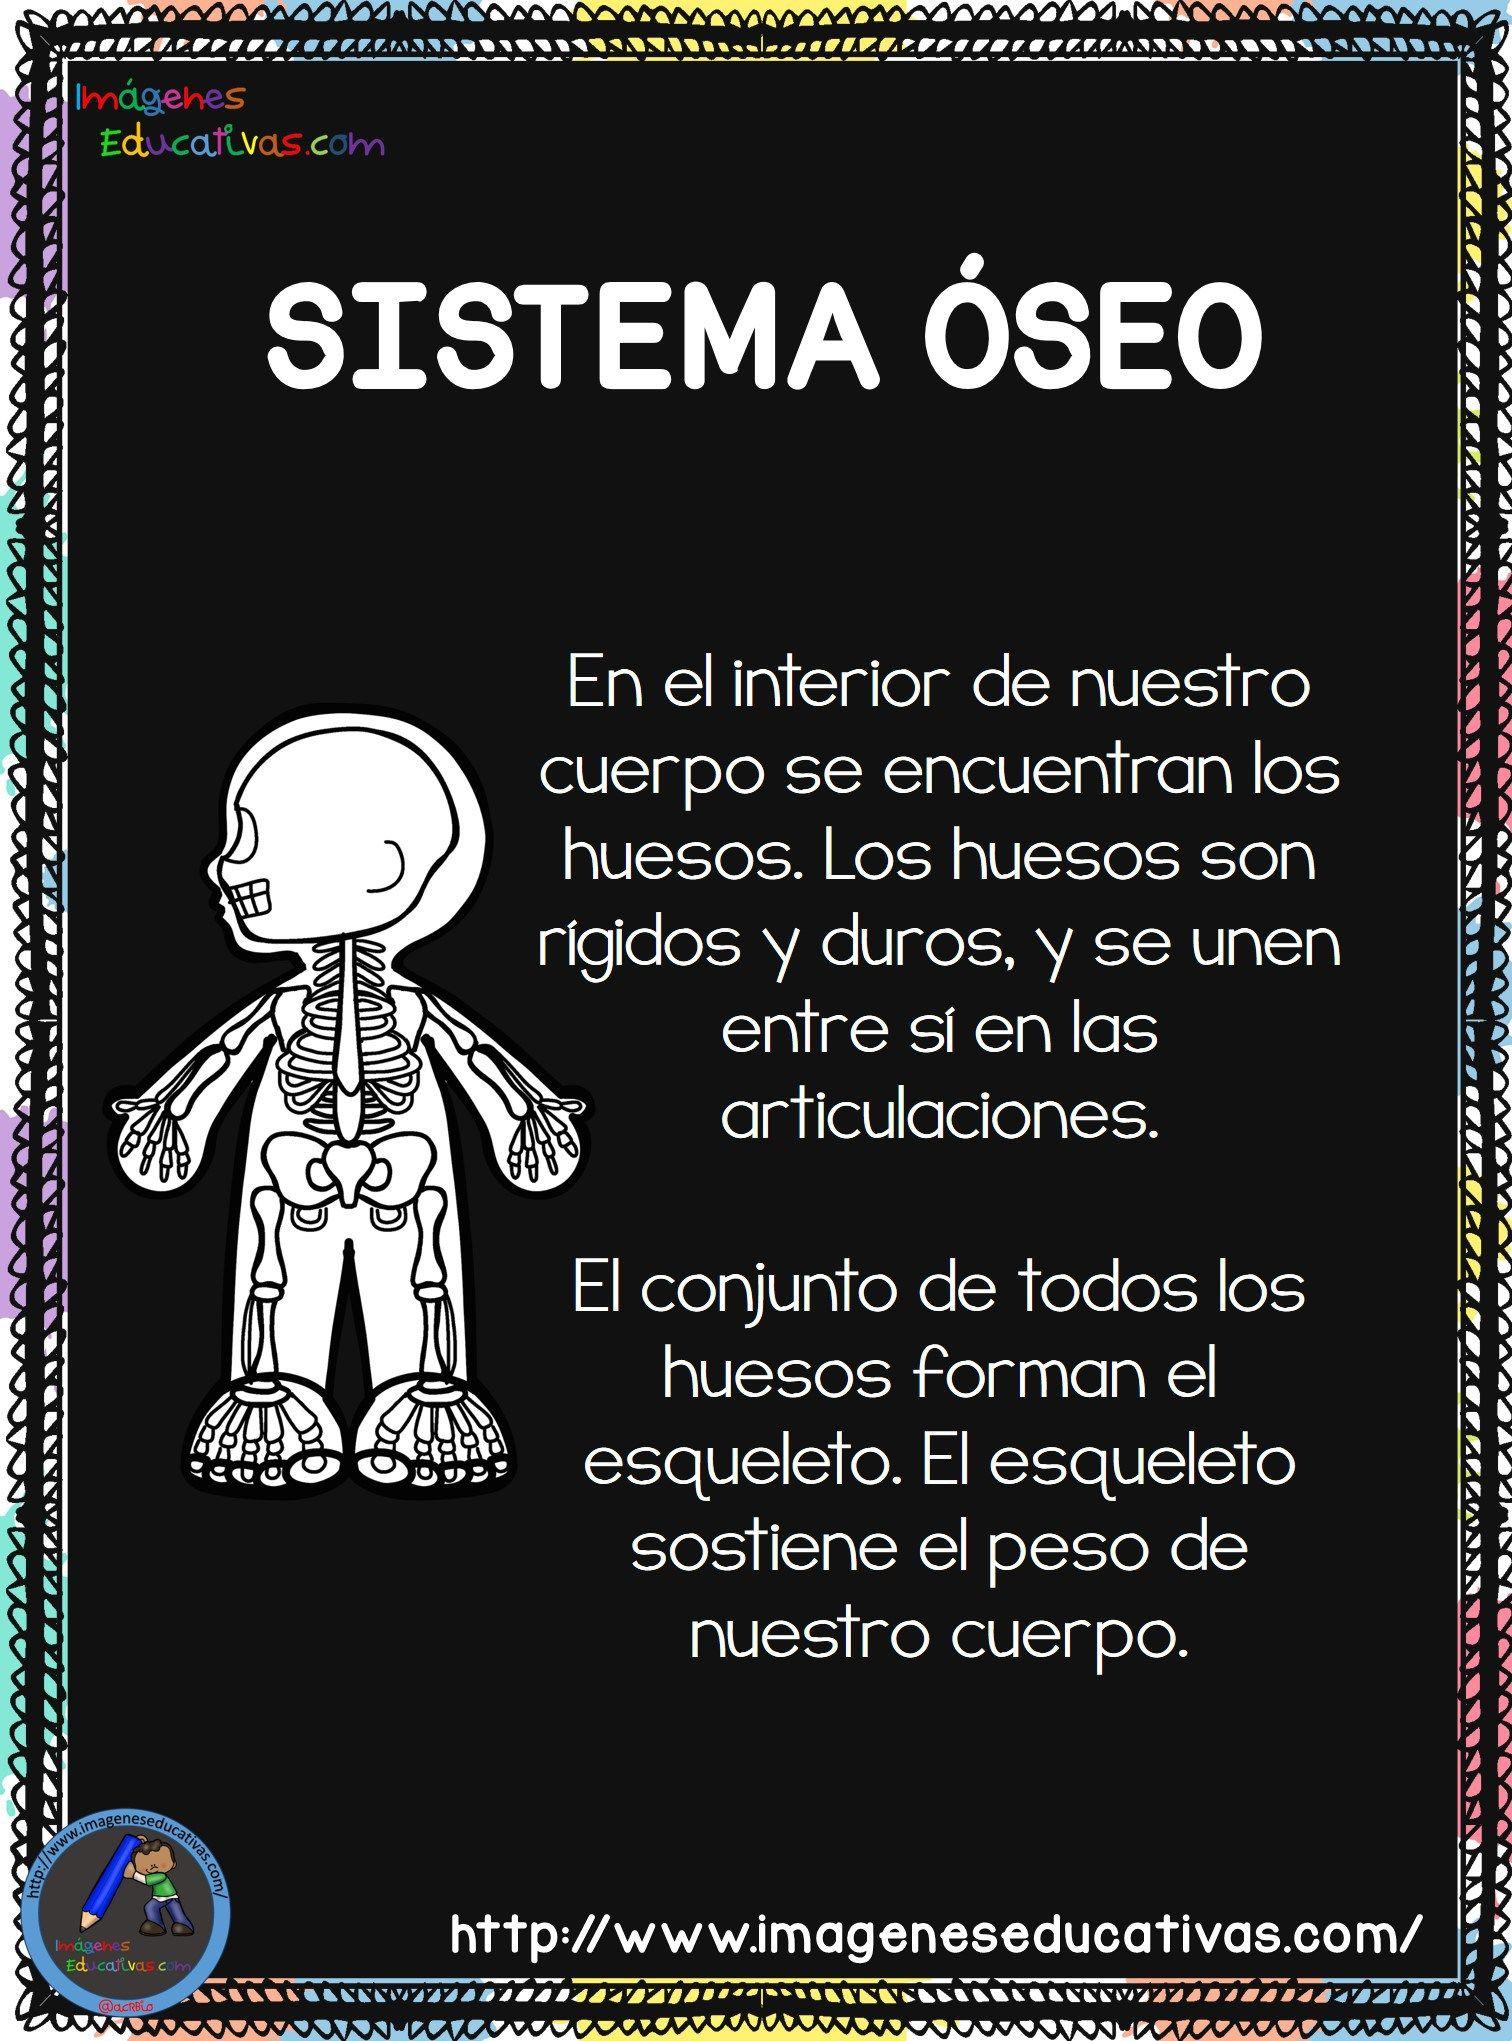 El-Cuerpo-Humano-2018-3.jpg (1512×2041)   Cuerpo humano para niños, Cuerpo  humano